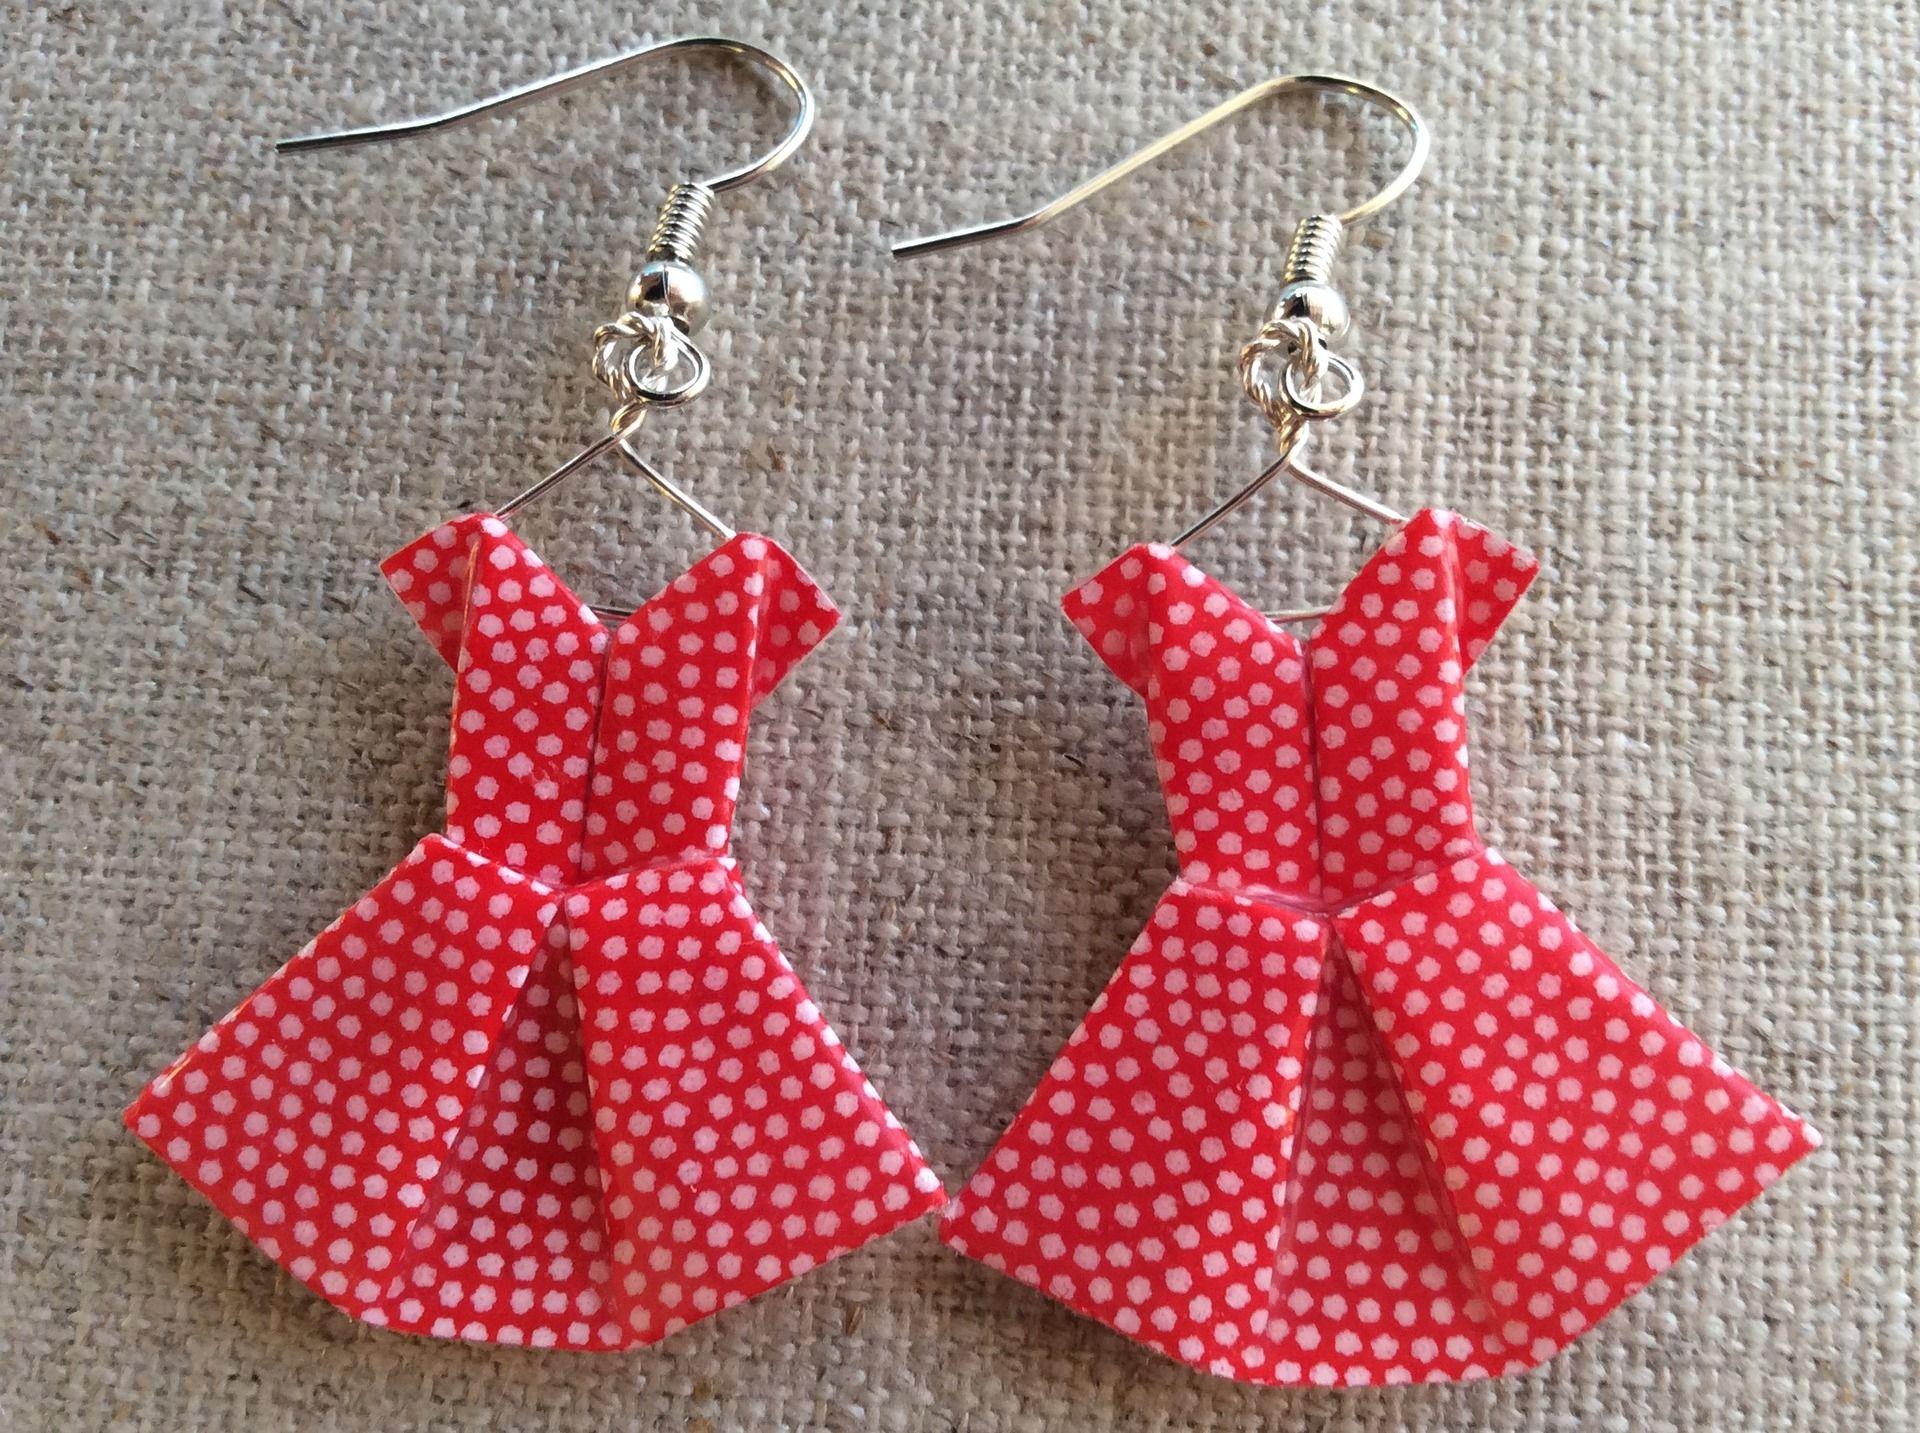 Boucles duoreille robes rouges à pois blancs en origami boucles d